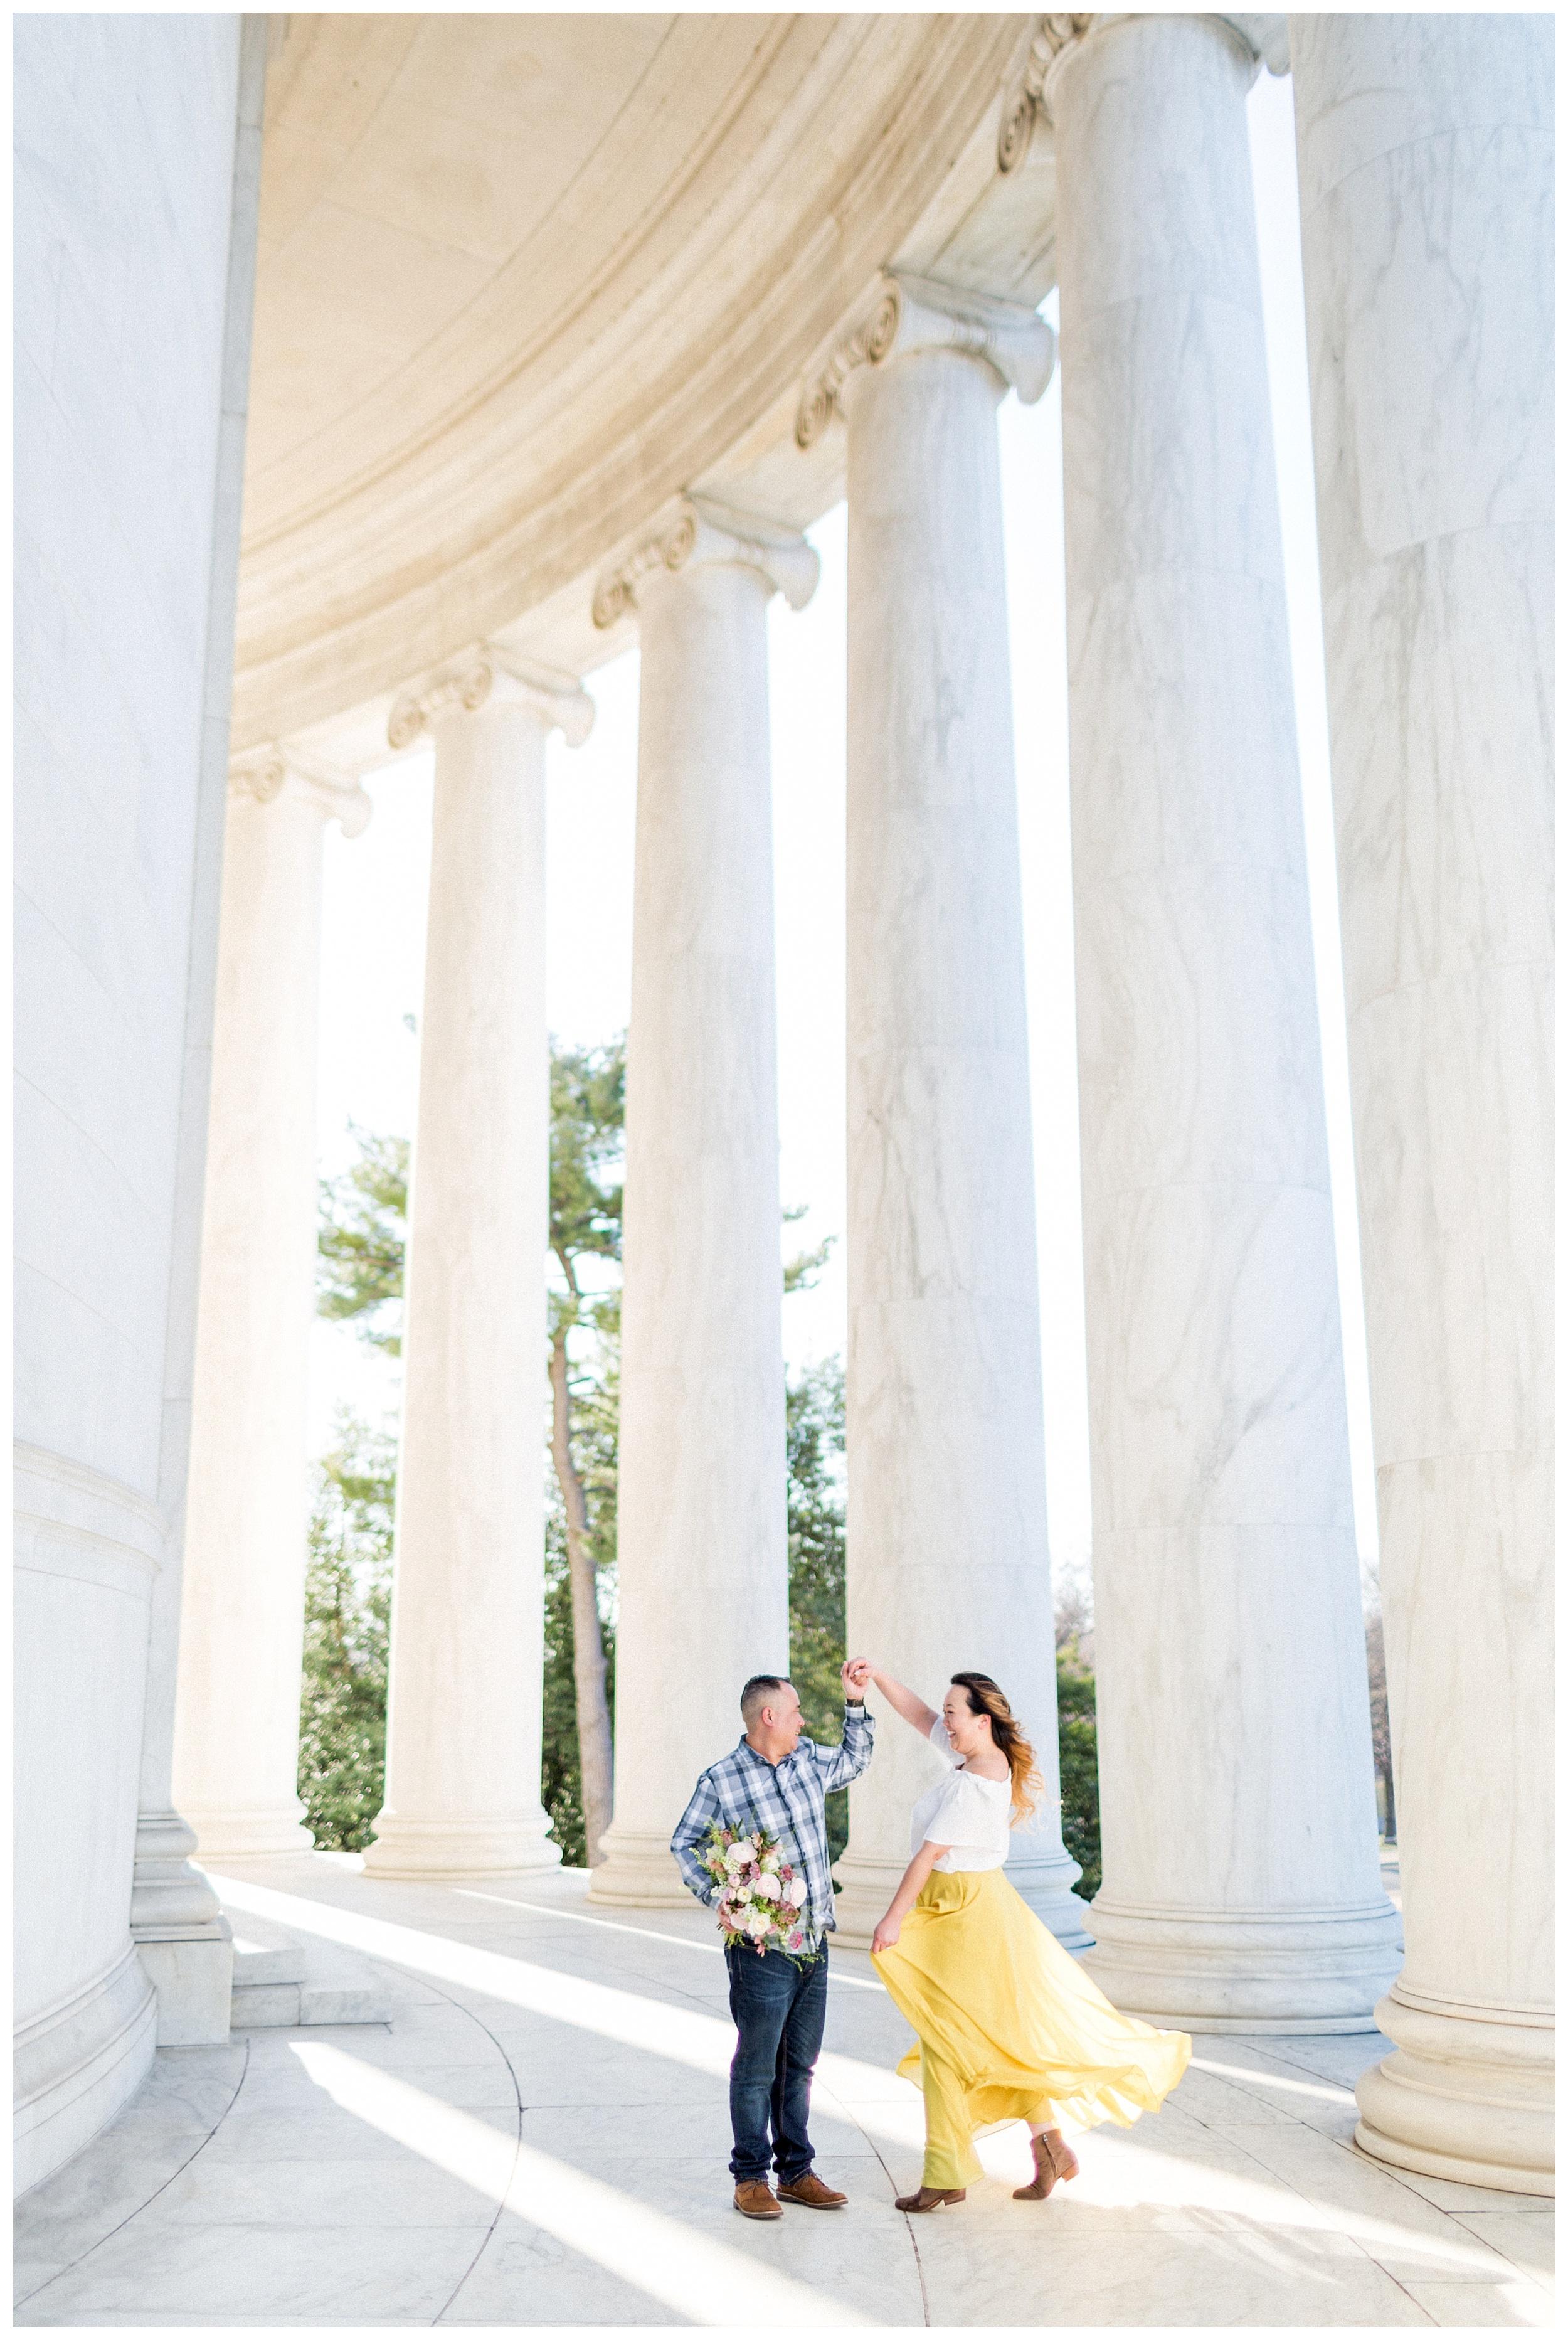 Washington DC Engagement Photos | Thomas Jefferson Engagement Session_0000.jpg